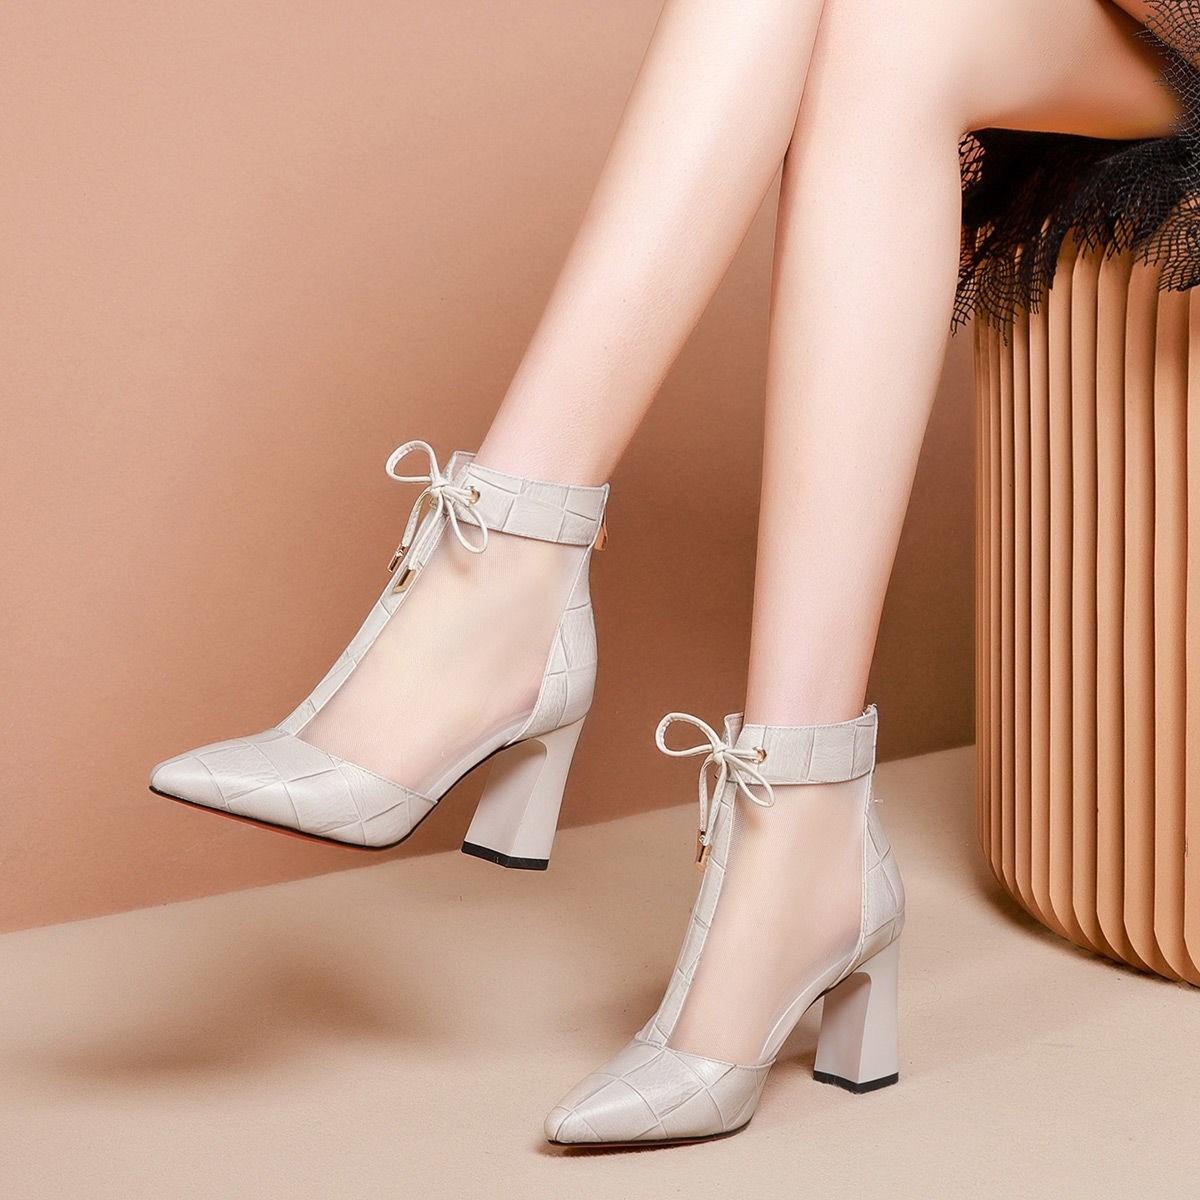 尖头短靴 高品质凉鞋女粗跟网纱短靴2020新款春夏季尖头高帮网靴高跟鞋凉靴_推荐淘宝好看的尖头短靴